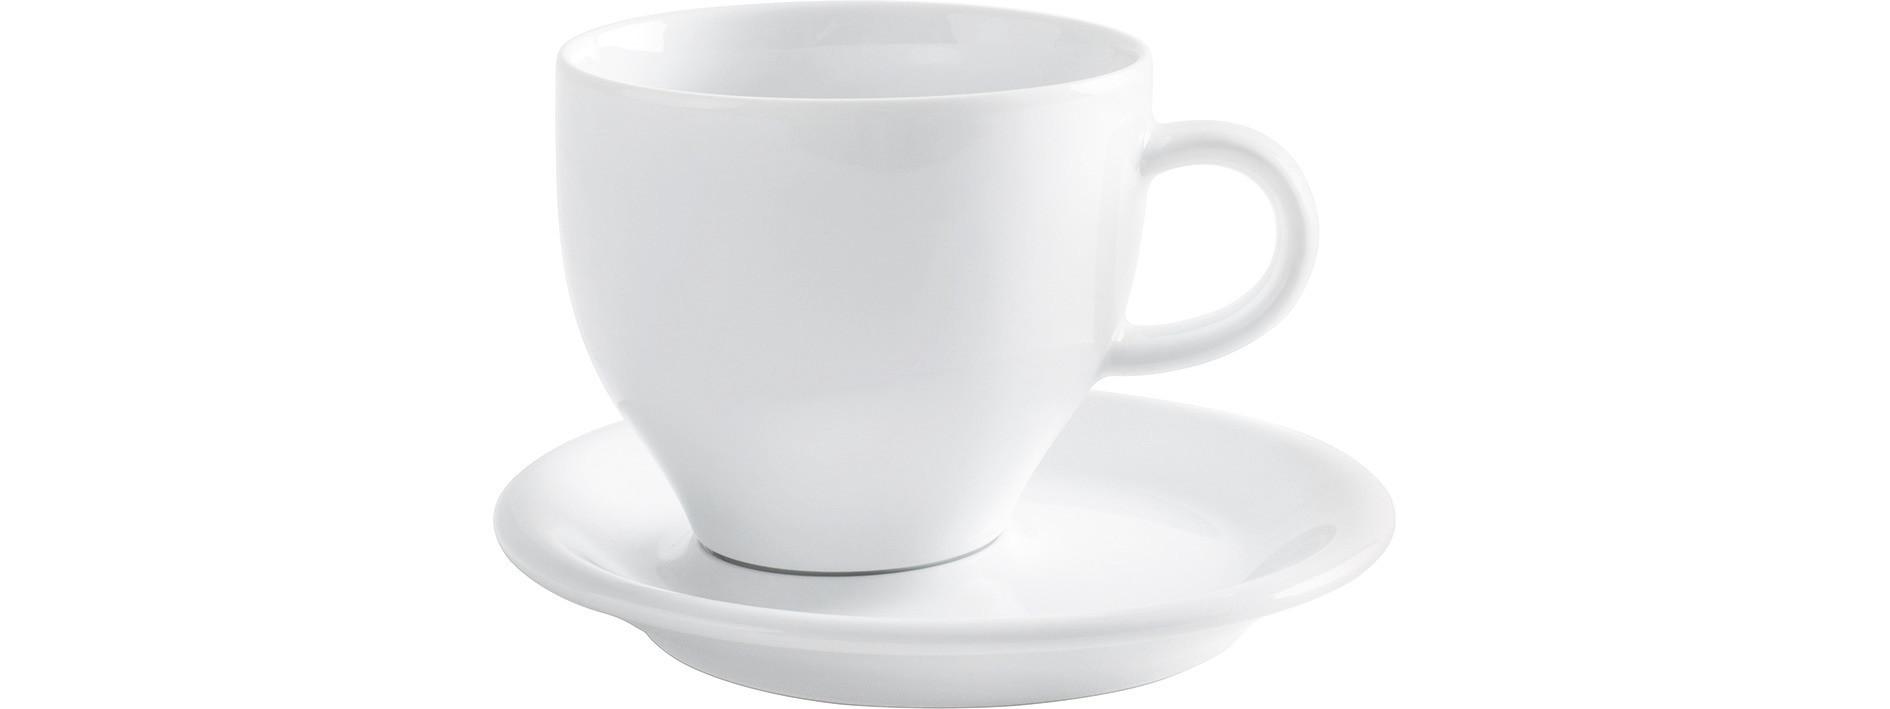 Café Sommelier 2.0, Milchkaffeetasse ø 102 mm / 0,37 l weiß